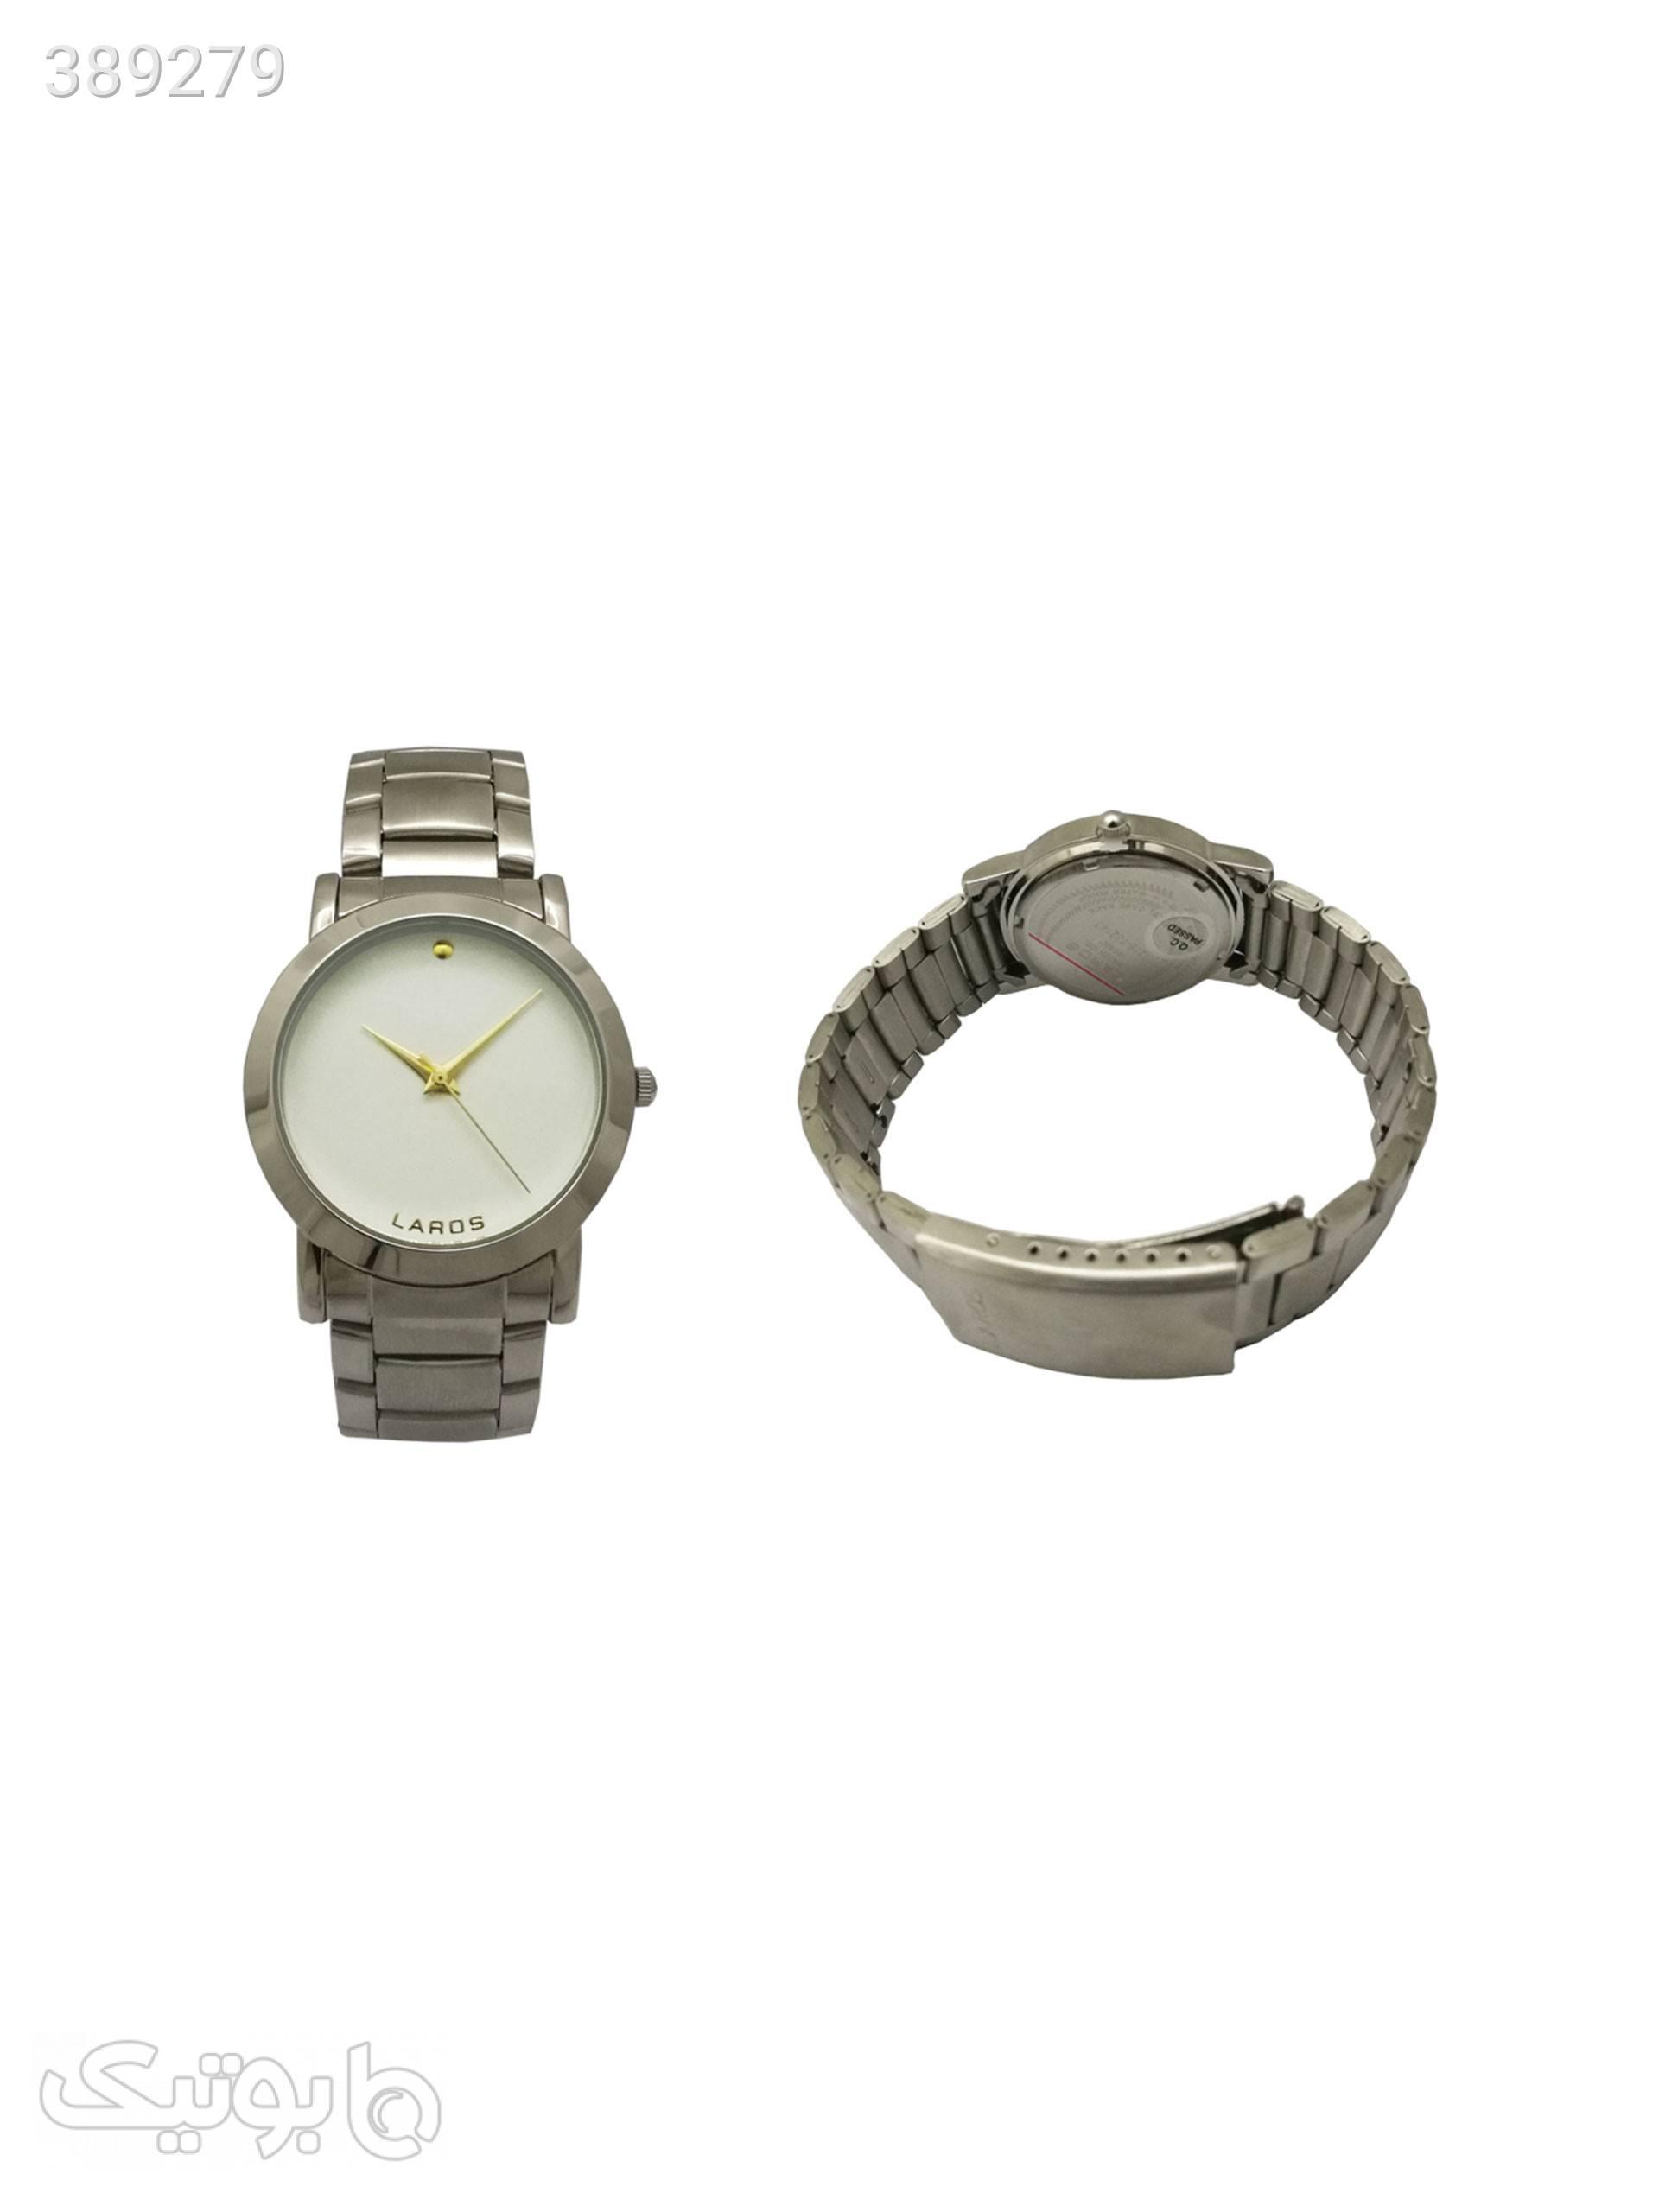 ساعت مچی عقربه ایلاروس مدل 1216-732147 نقره ای ساعت